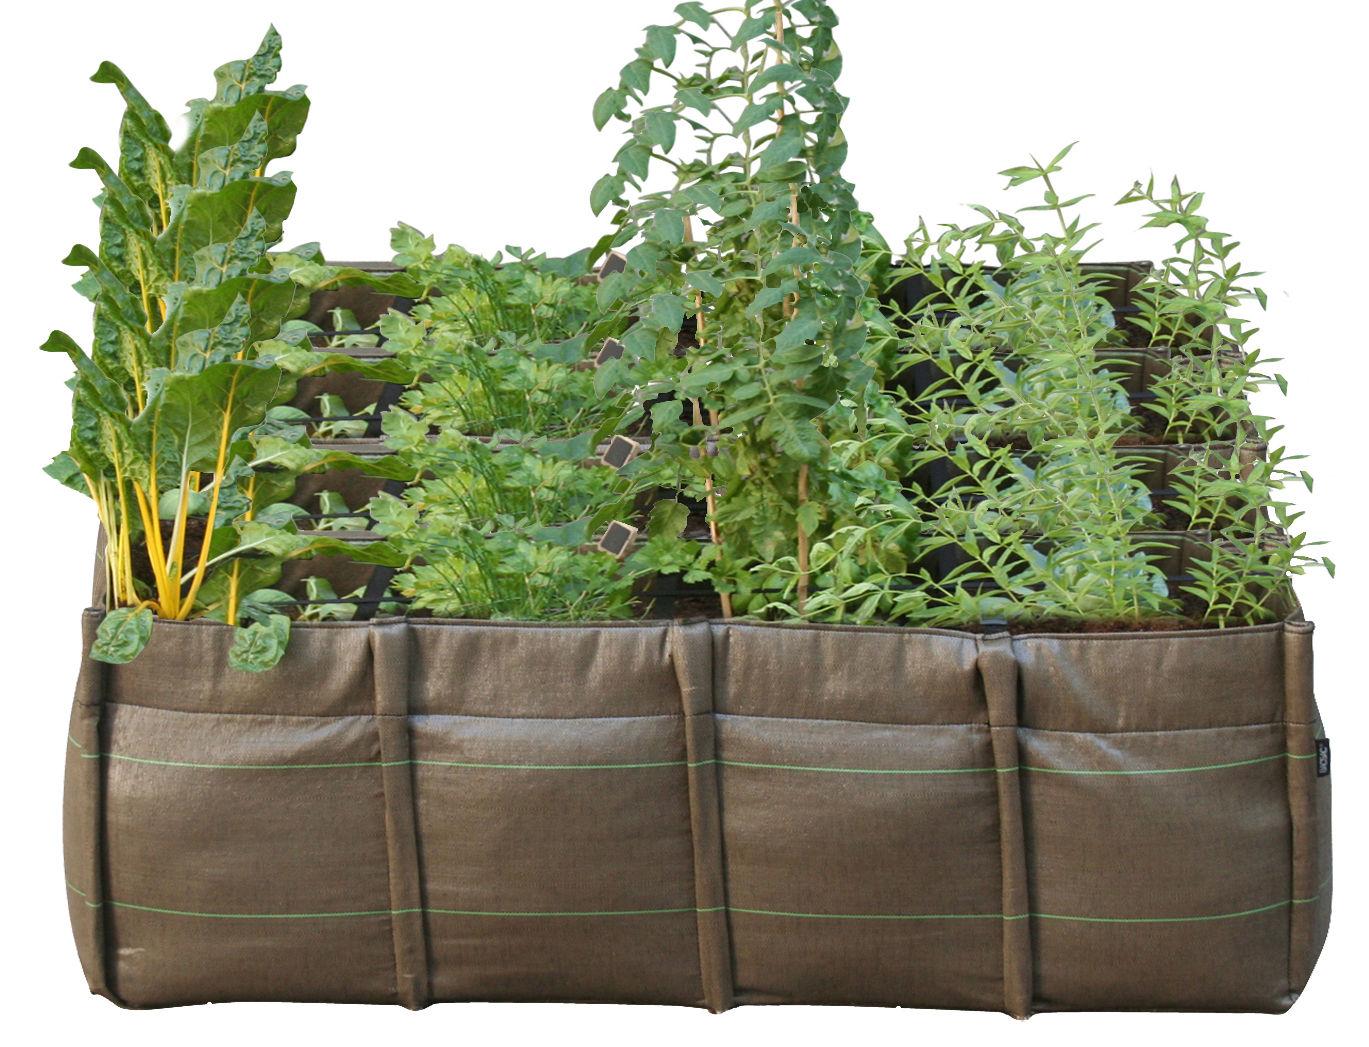 Outdoor - Pots et plantes - Jardinière BacSquare Geotextile / Outdoor - 550 L - Bacsac - 16 carrés / 550L - Marron - Toile géotextile